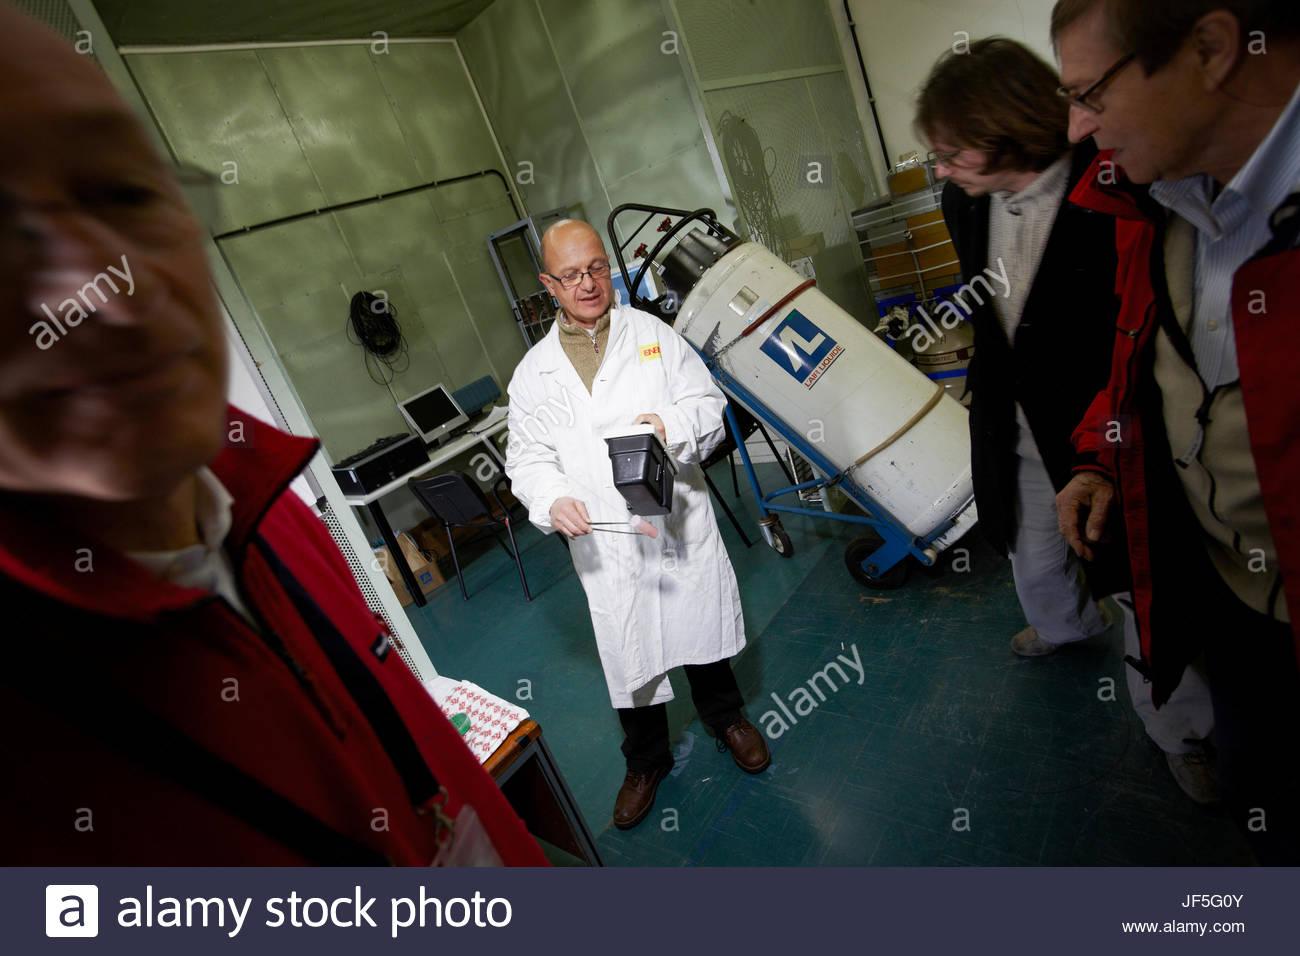 In the search for Leonardo Da Vinci's Battle of Anghiari, physicist Mario Pillon at the ENEA nuclear research center Stock Photo